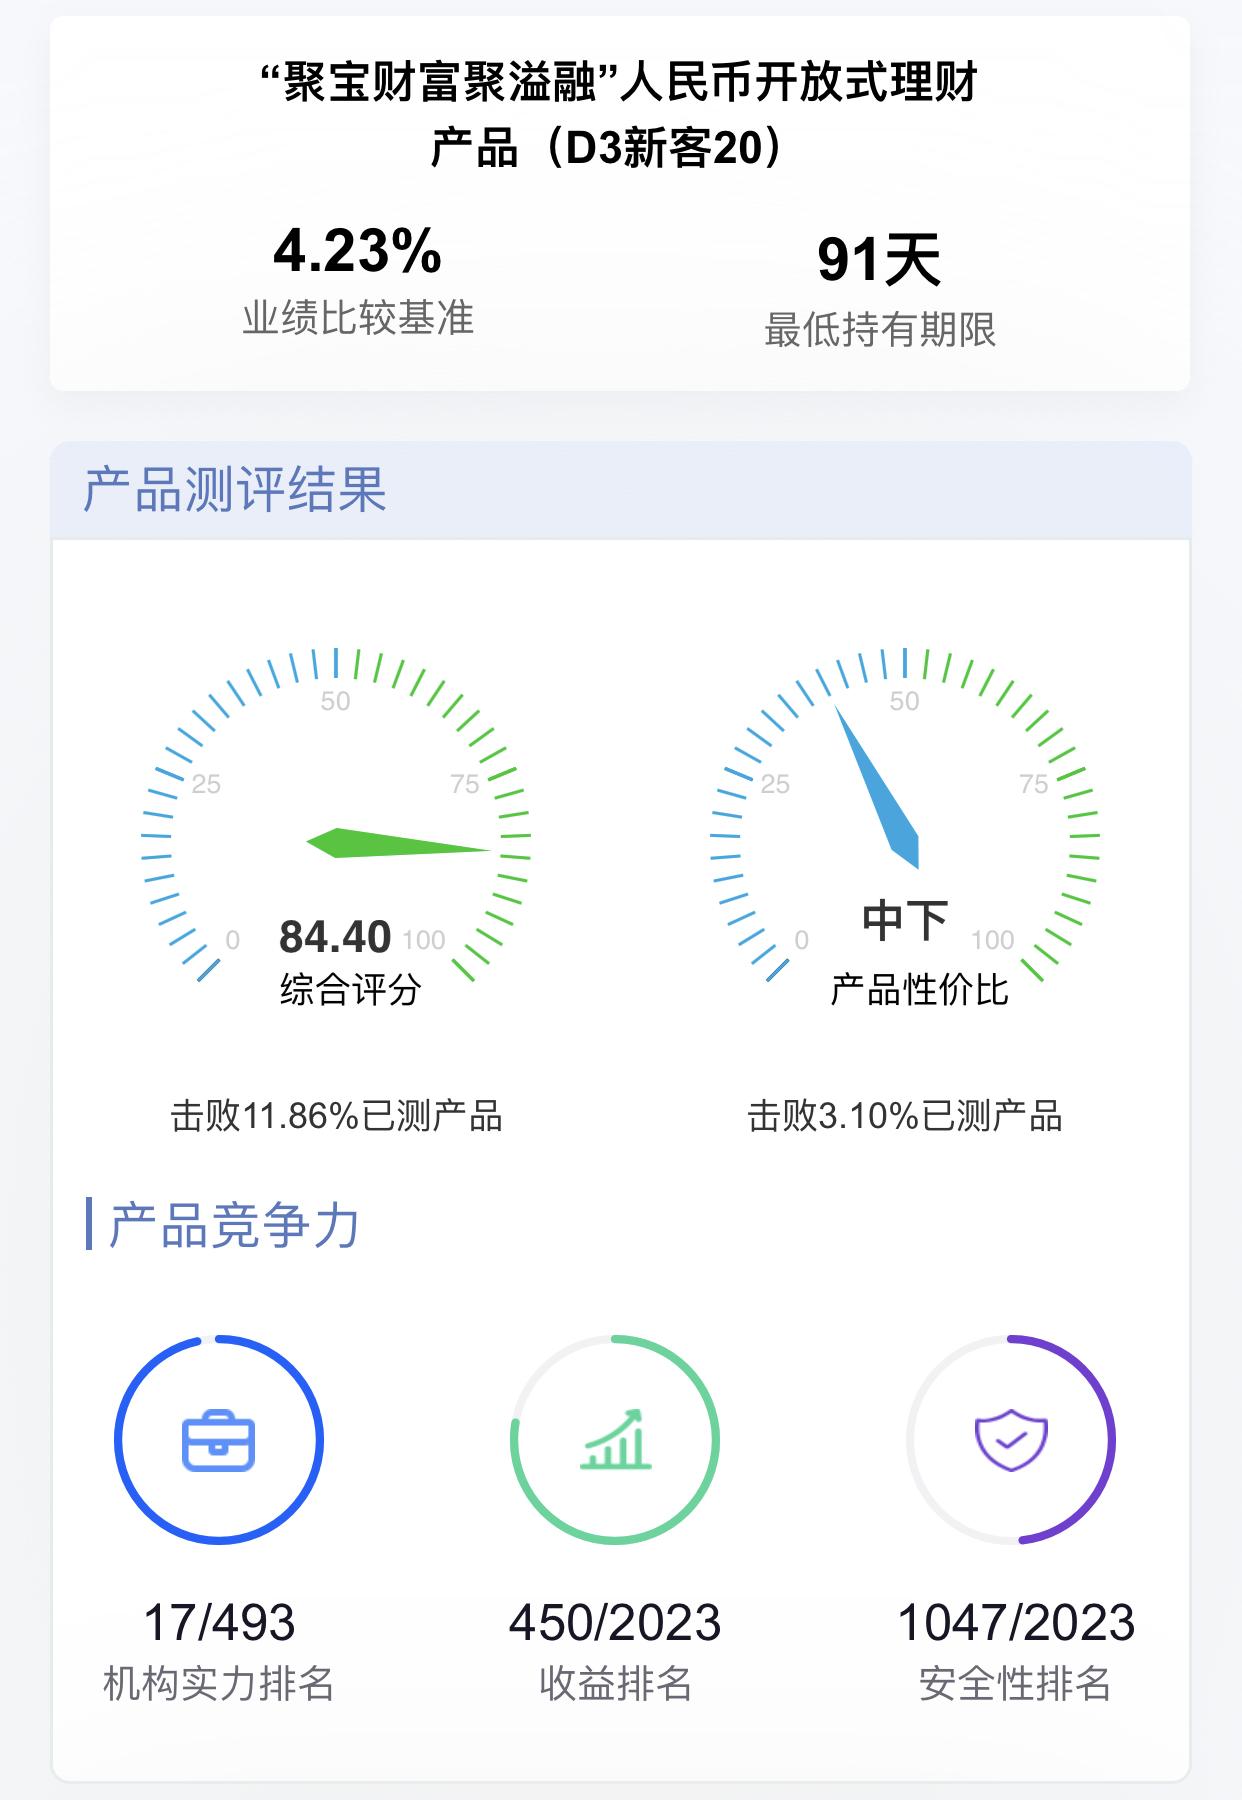 """理财产品测评:江苏银行・""""聚宝财富聚溢融""""人民币开放式理财产品(D3新客20)"""